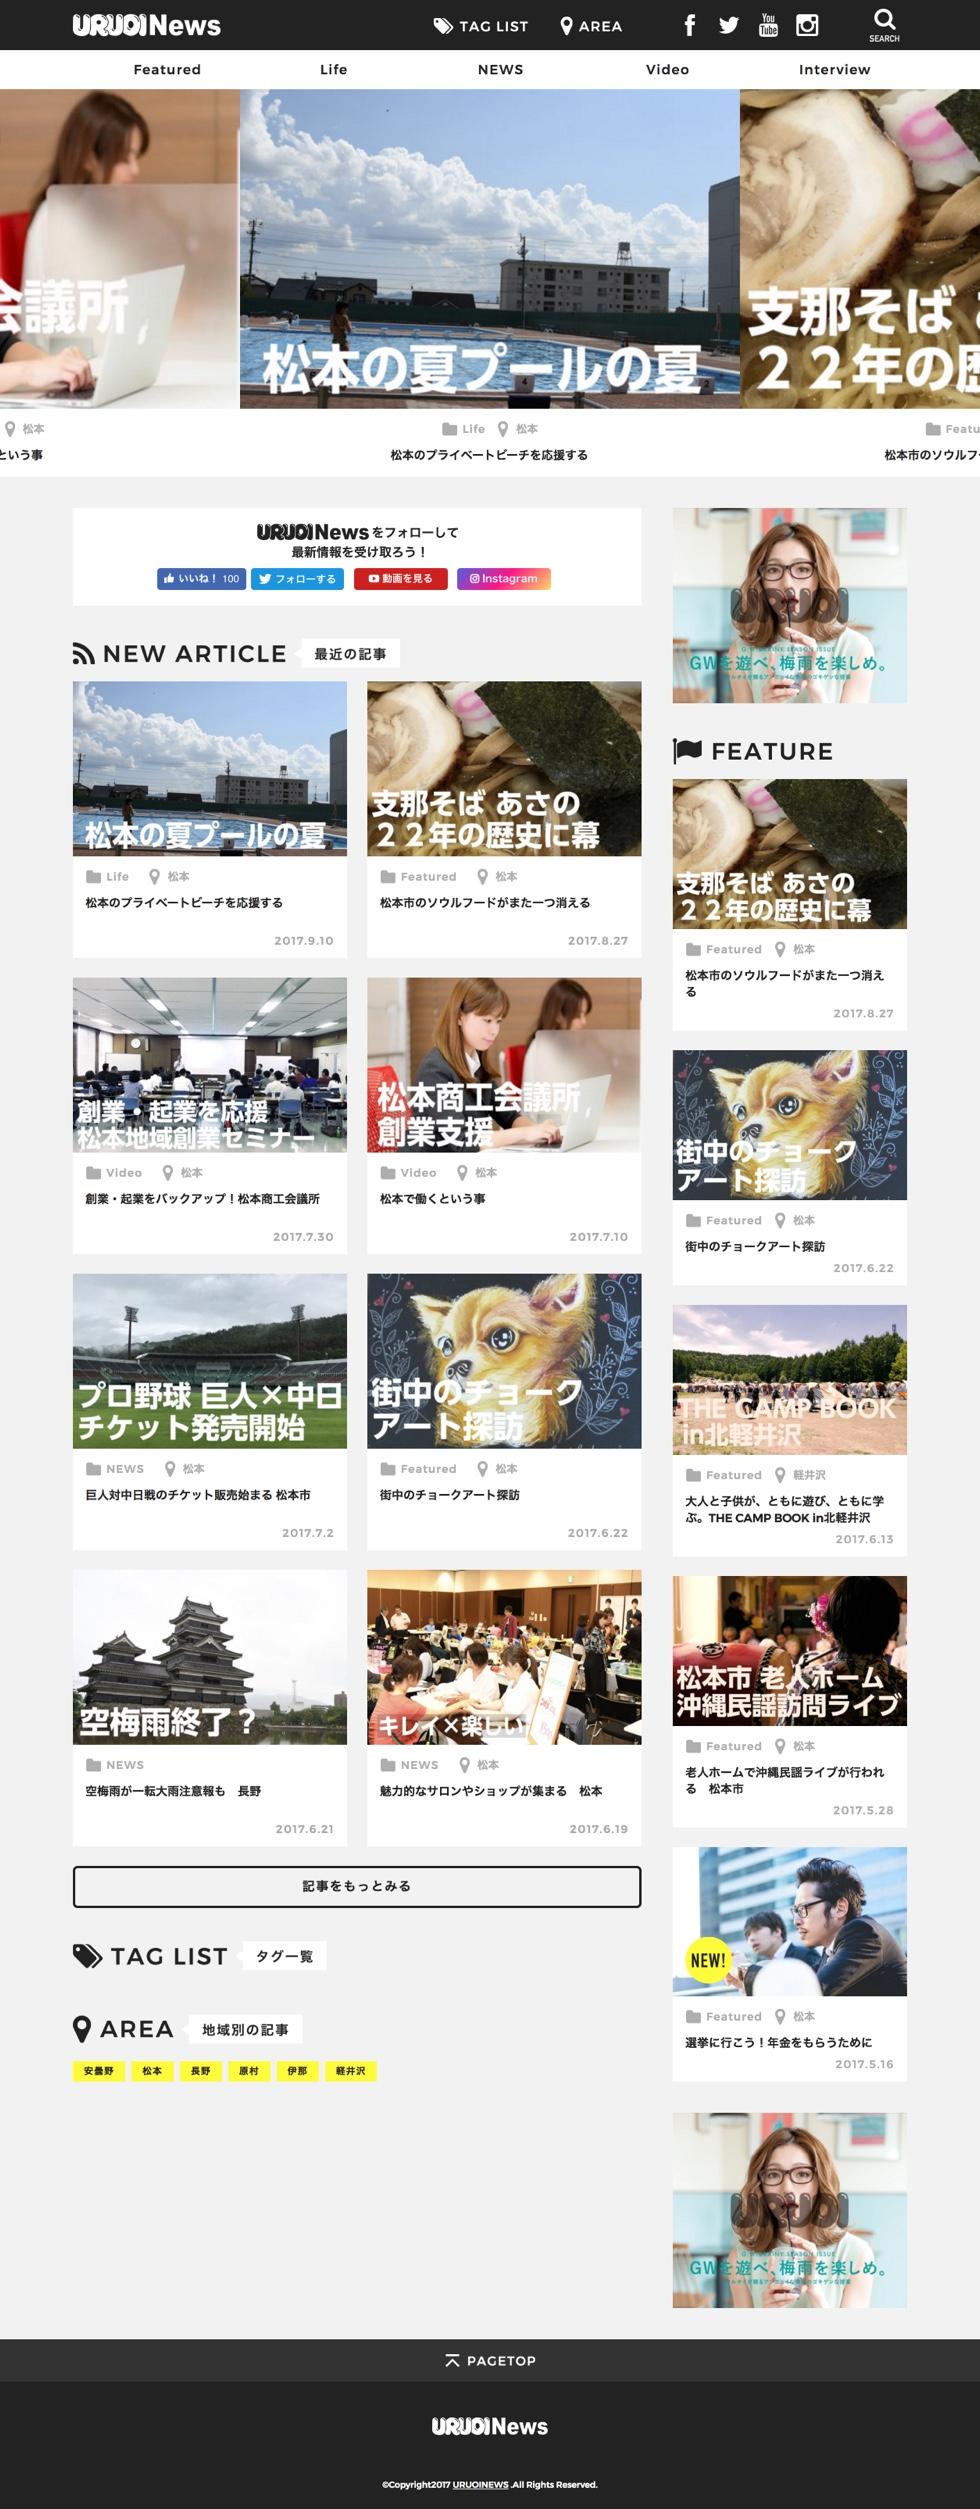 URUOI News PC版トップページのスクリーンショット